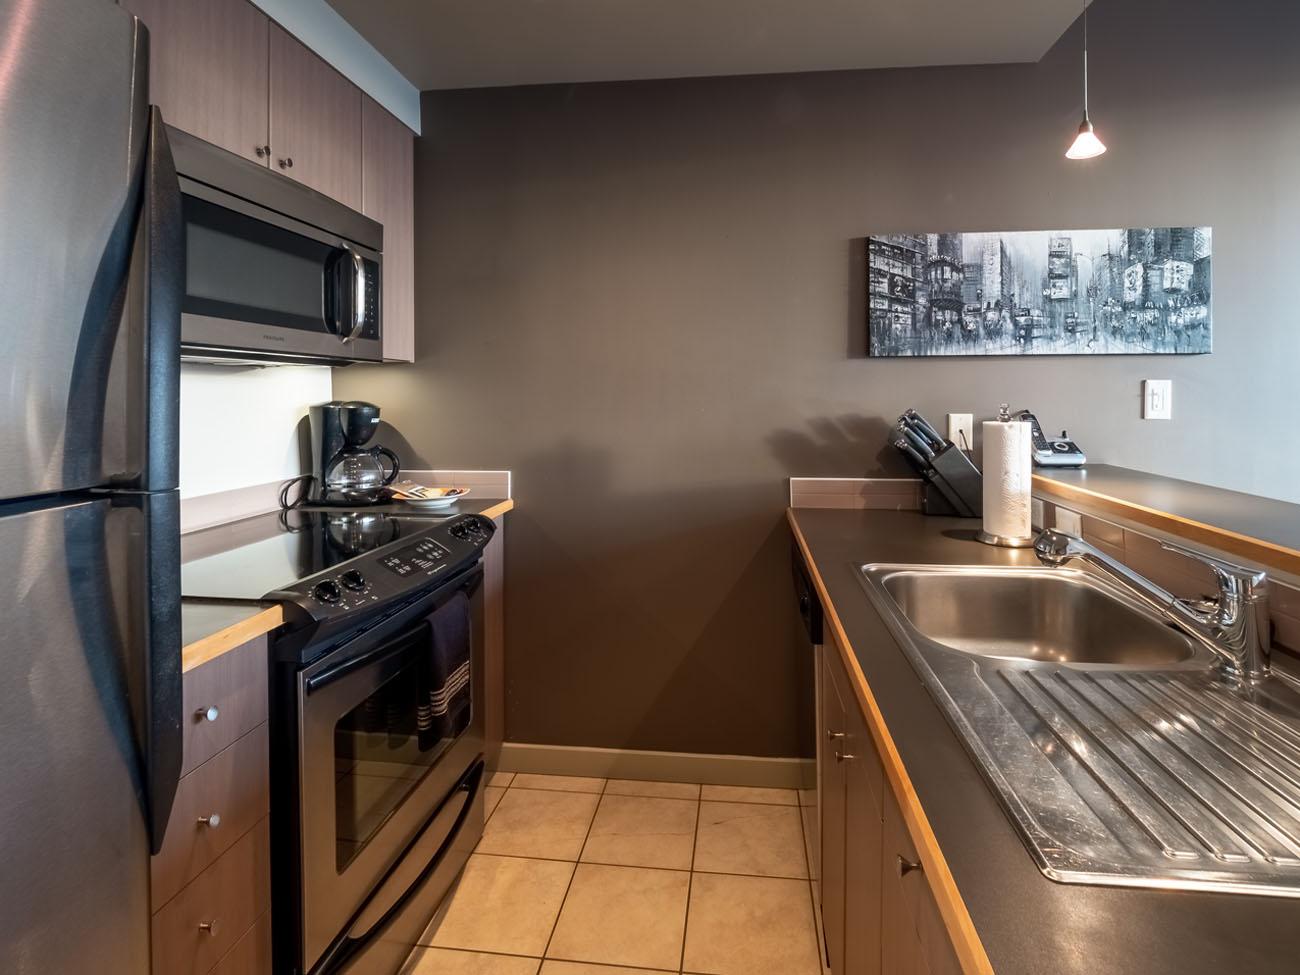 Kitchen at Corazon condo Victoria BC